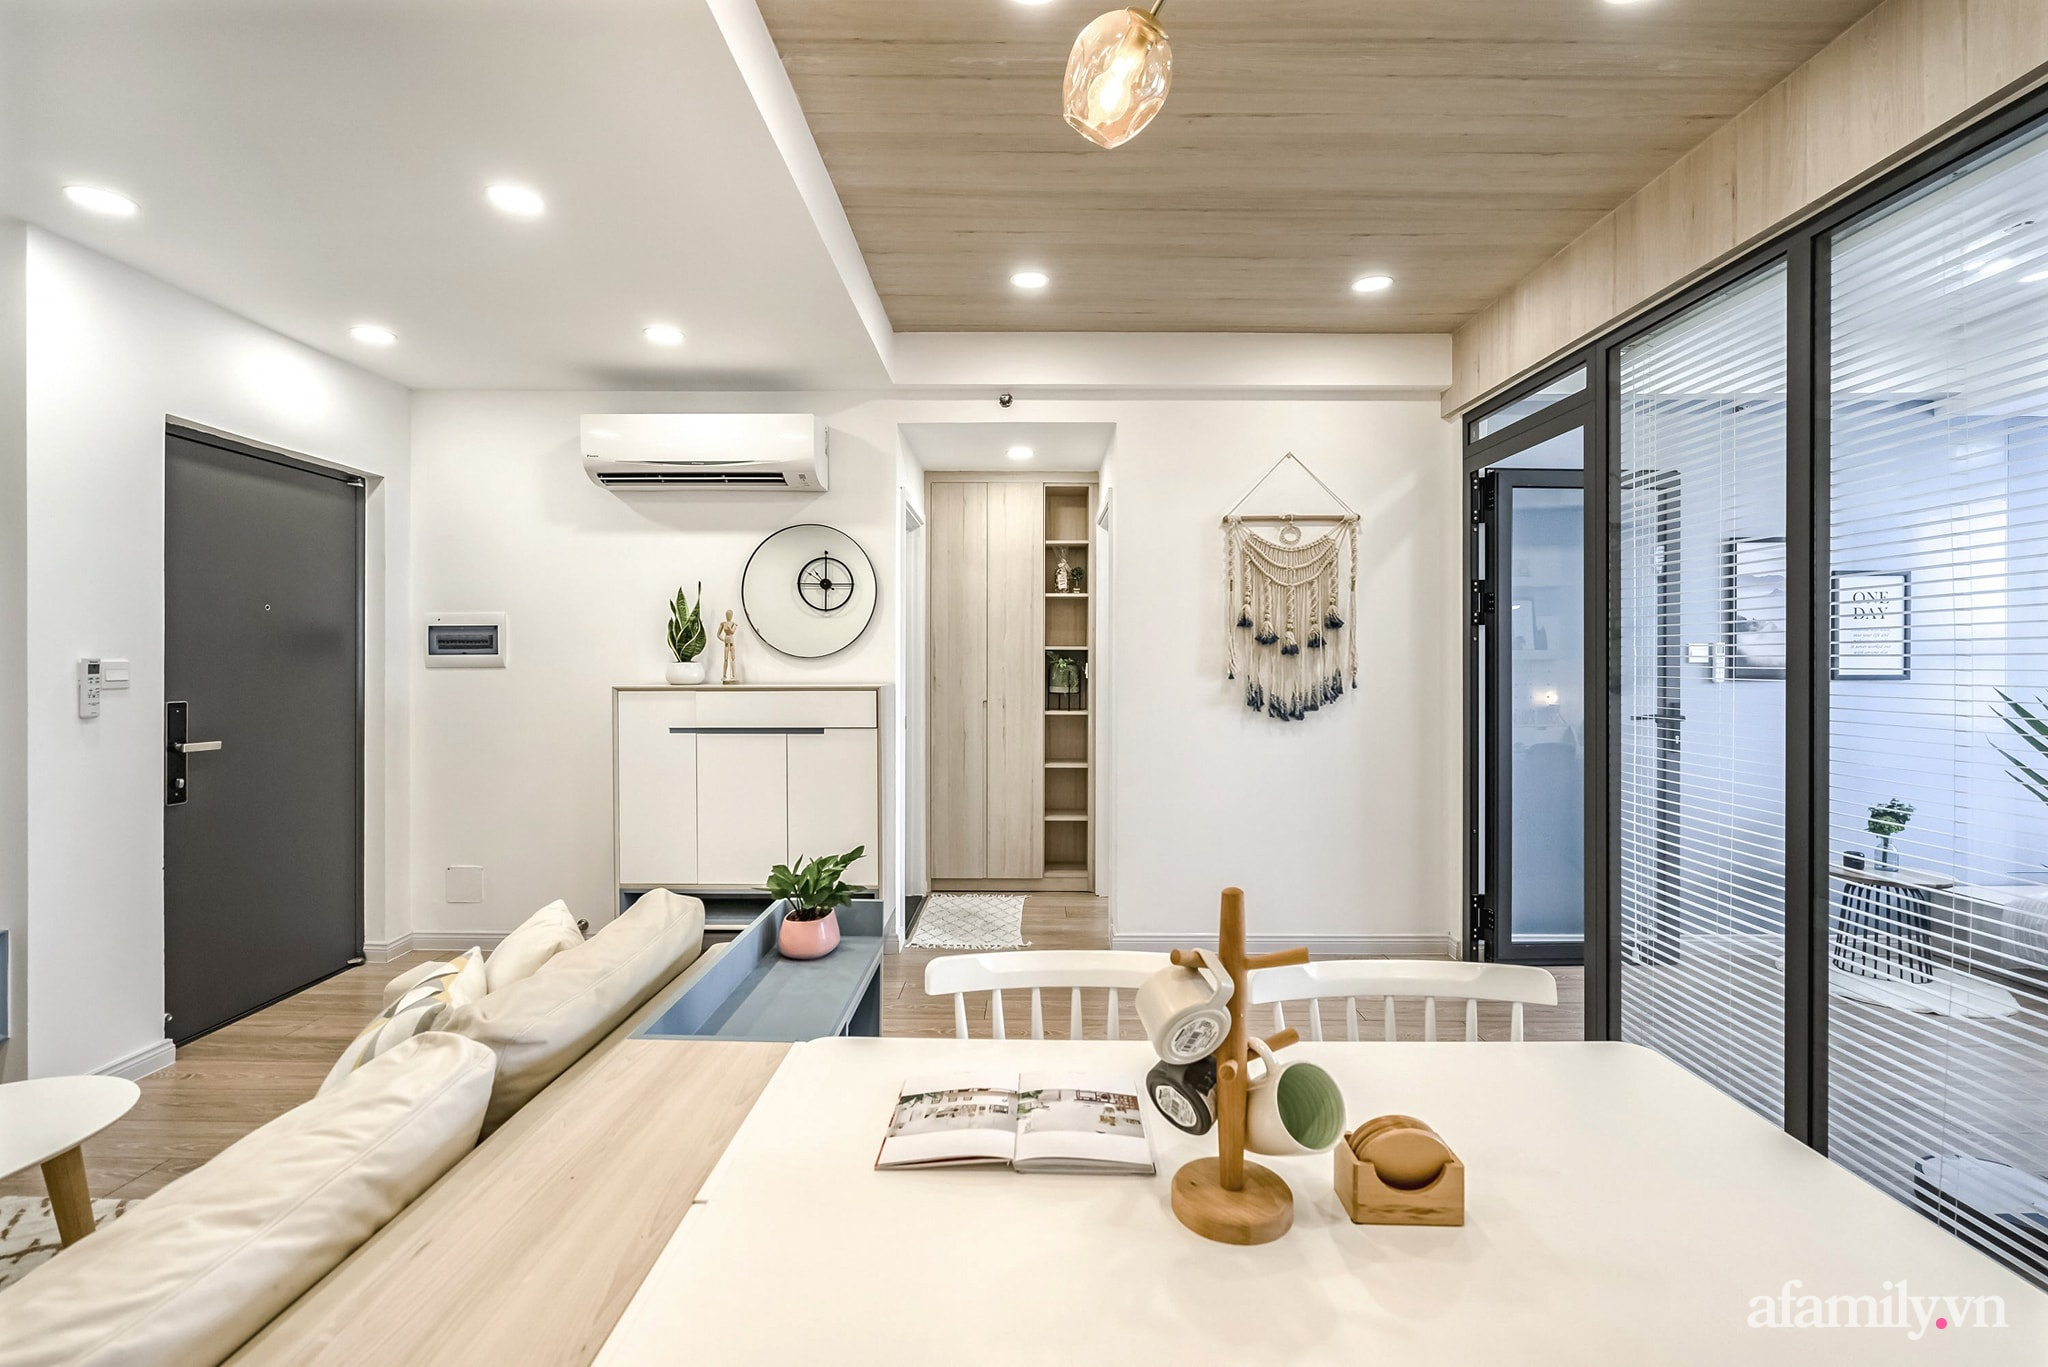 Căn hộ 65m² màu xanh yên bình của chàng trai quyết tâm mua nhà trước tuổi 30 ở Sài Gòn - Ảnh 6.